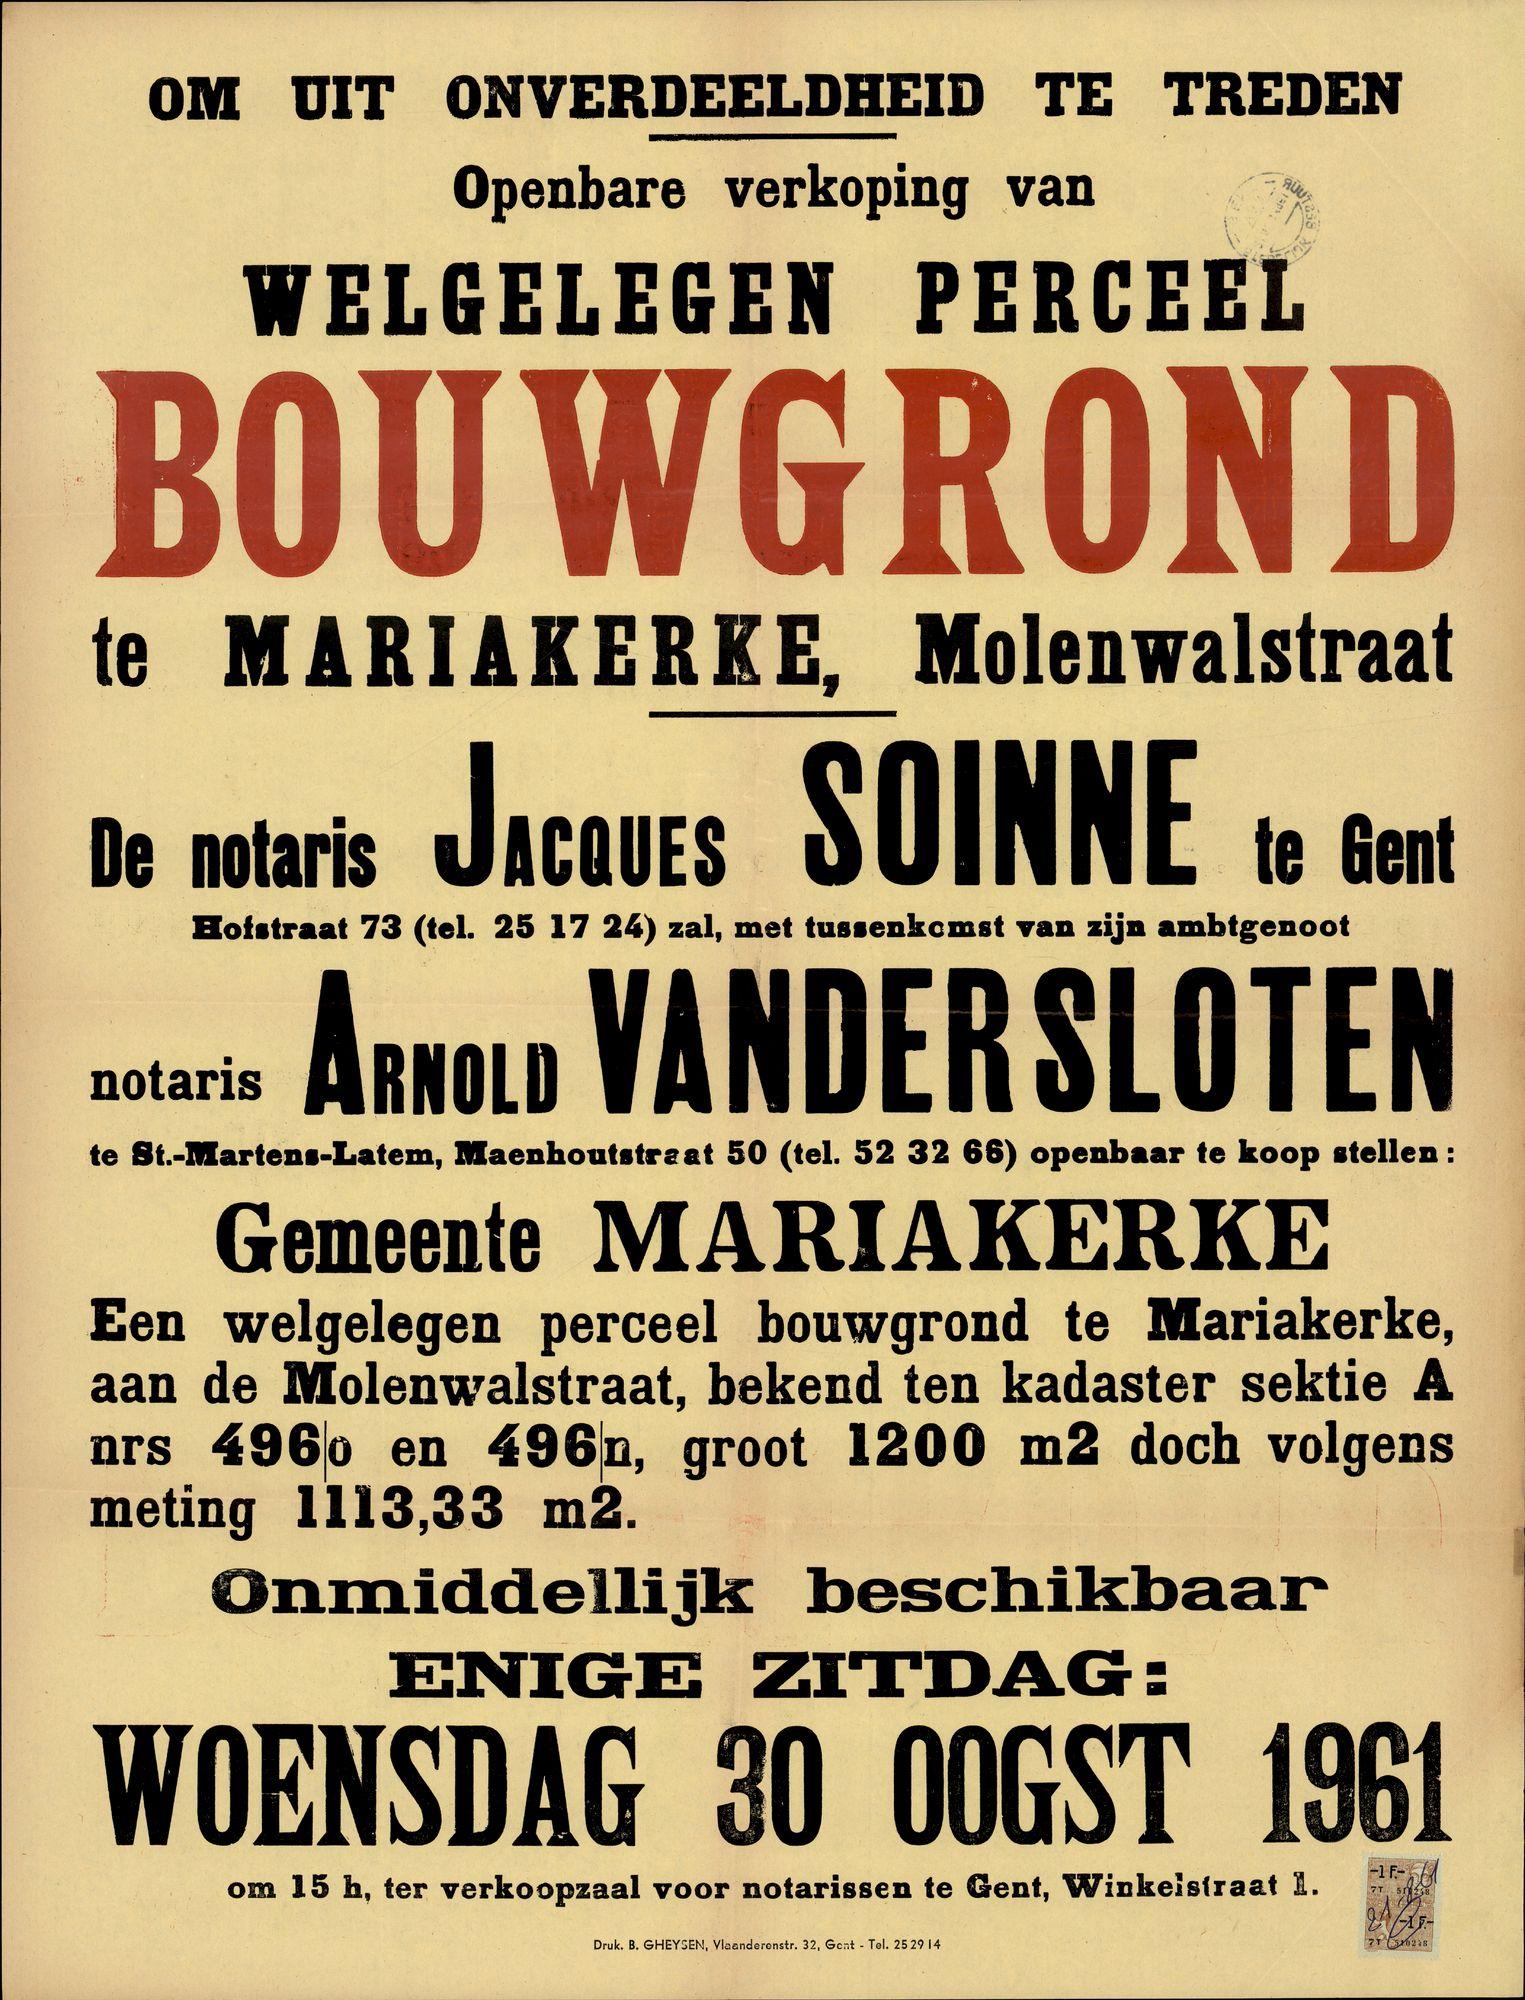 Openbare verkoop van welgelegen perceel bouwgrond te Mariakerke, Molenwalstraat, Gent, 30 augustus 1961